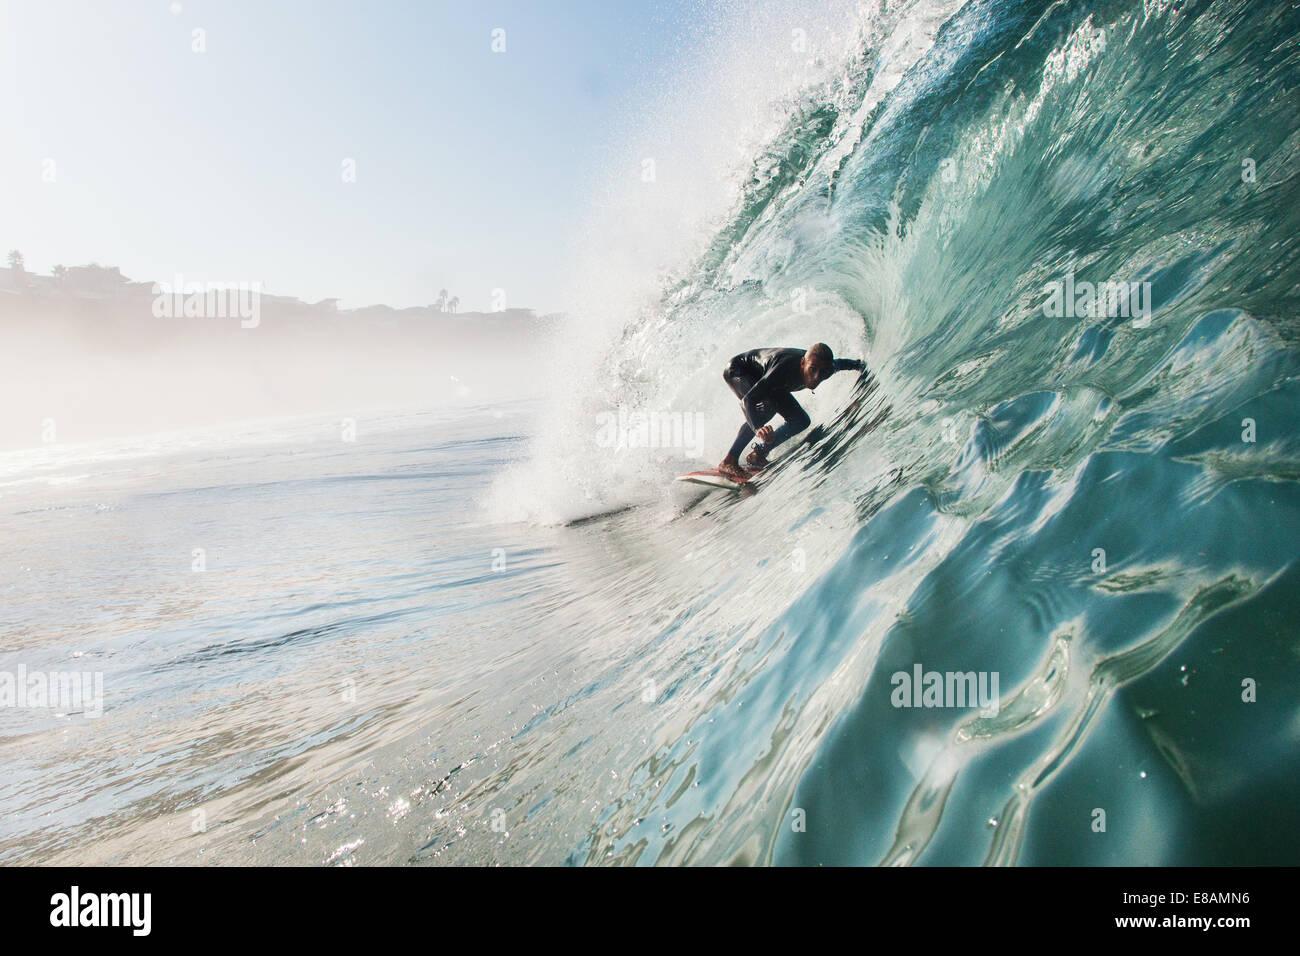 Mitad hombre adulto surf ola, Leucadia, California, EE.UU. Imagen De Stock